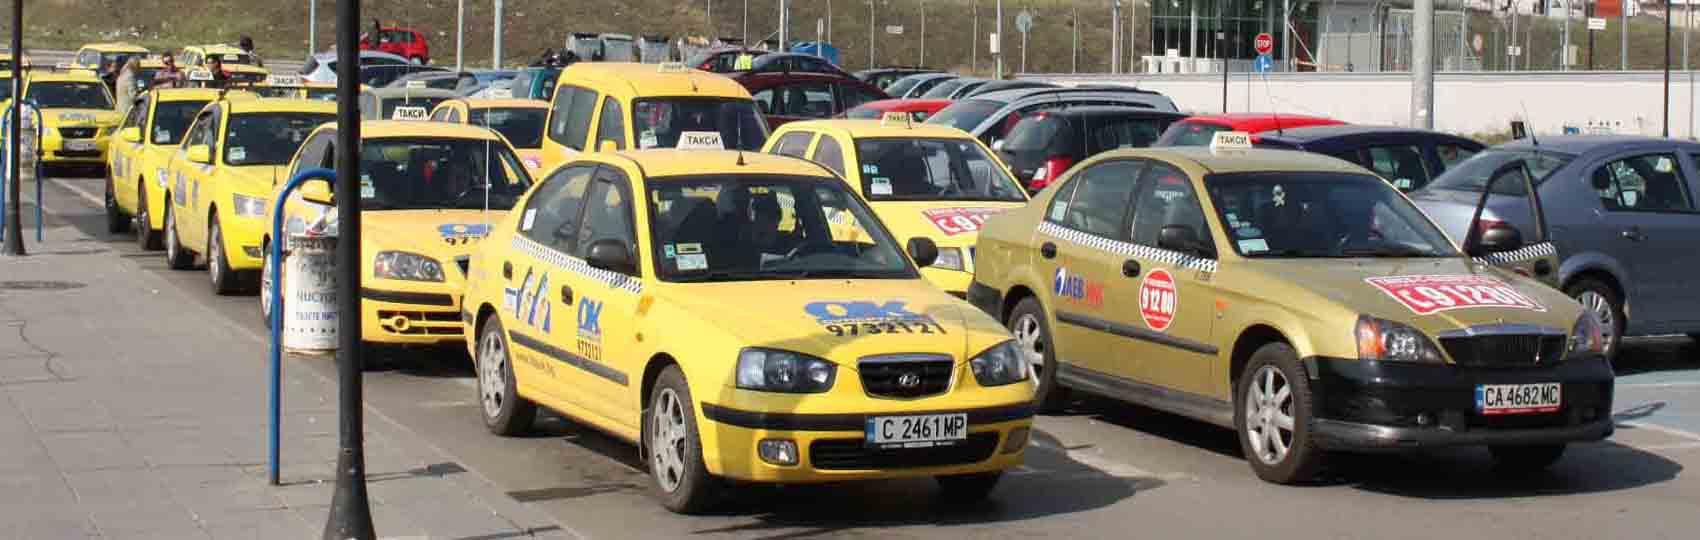 Noticias del sector del taxi y la movilidad en Grecia. Mantente informado de todas las noticias del taxi de Grecia en el grupo de Facebook de Todo Taxi.